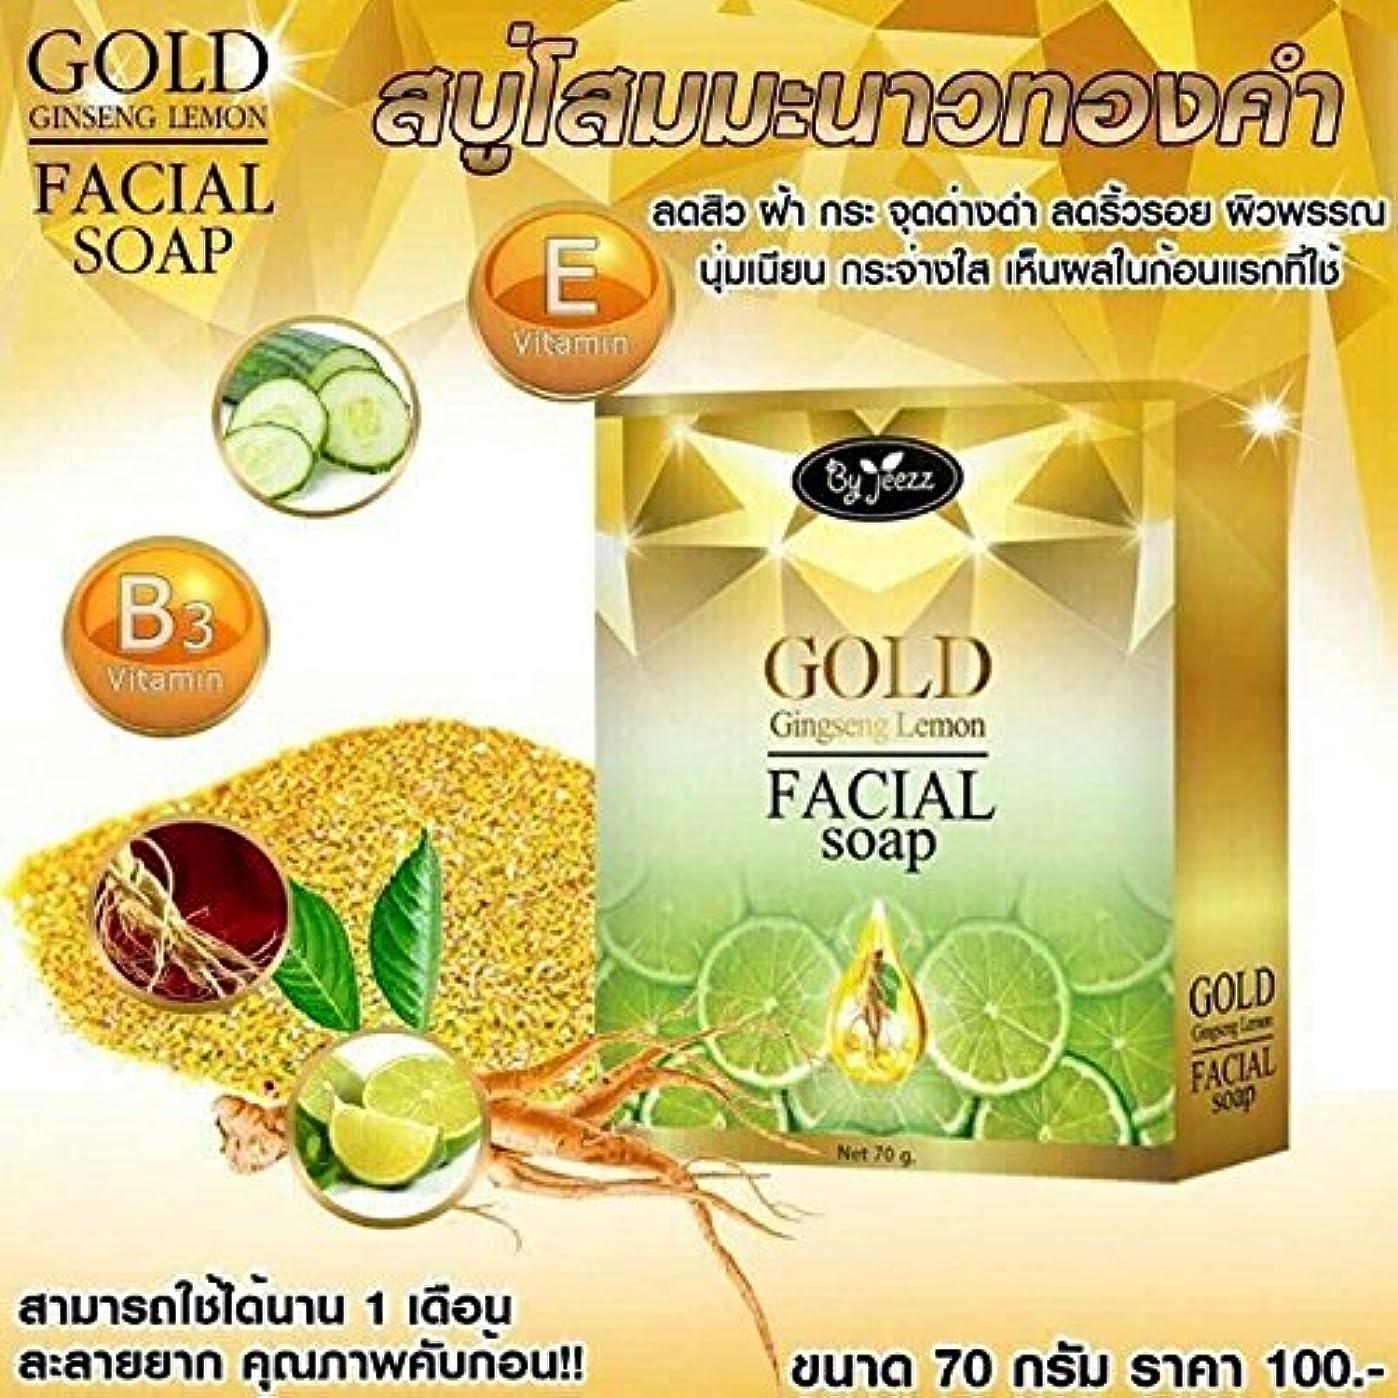 厳密に悪性の残酷な1 X Natural Herbal Whitening Soap. Ginseng Lemon Soap (Gold Ginseng Lemon Facial Soap by jeezz) 70 g. Free shipping